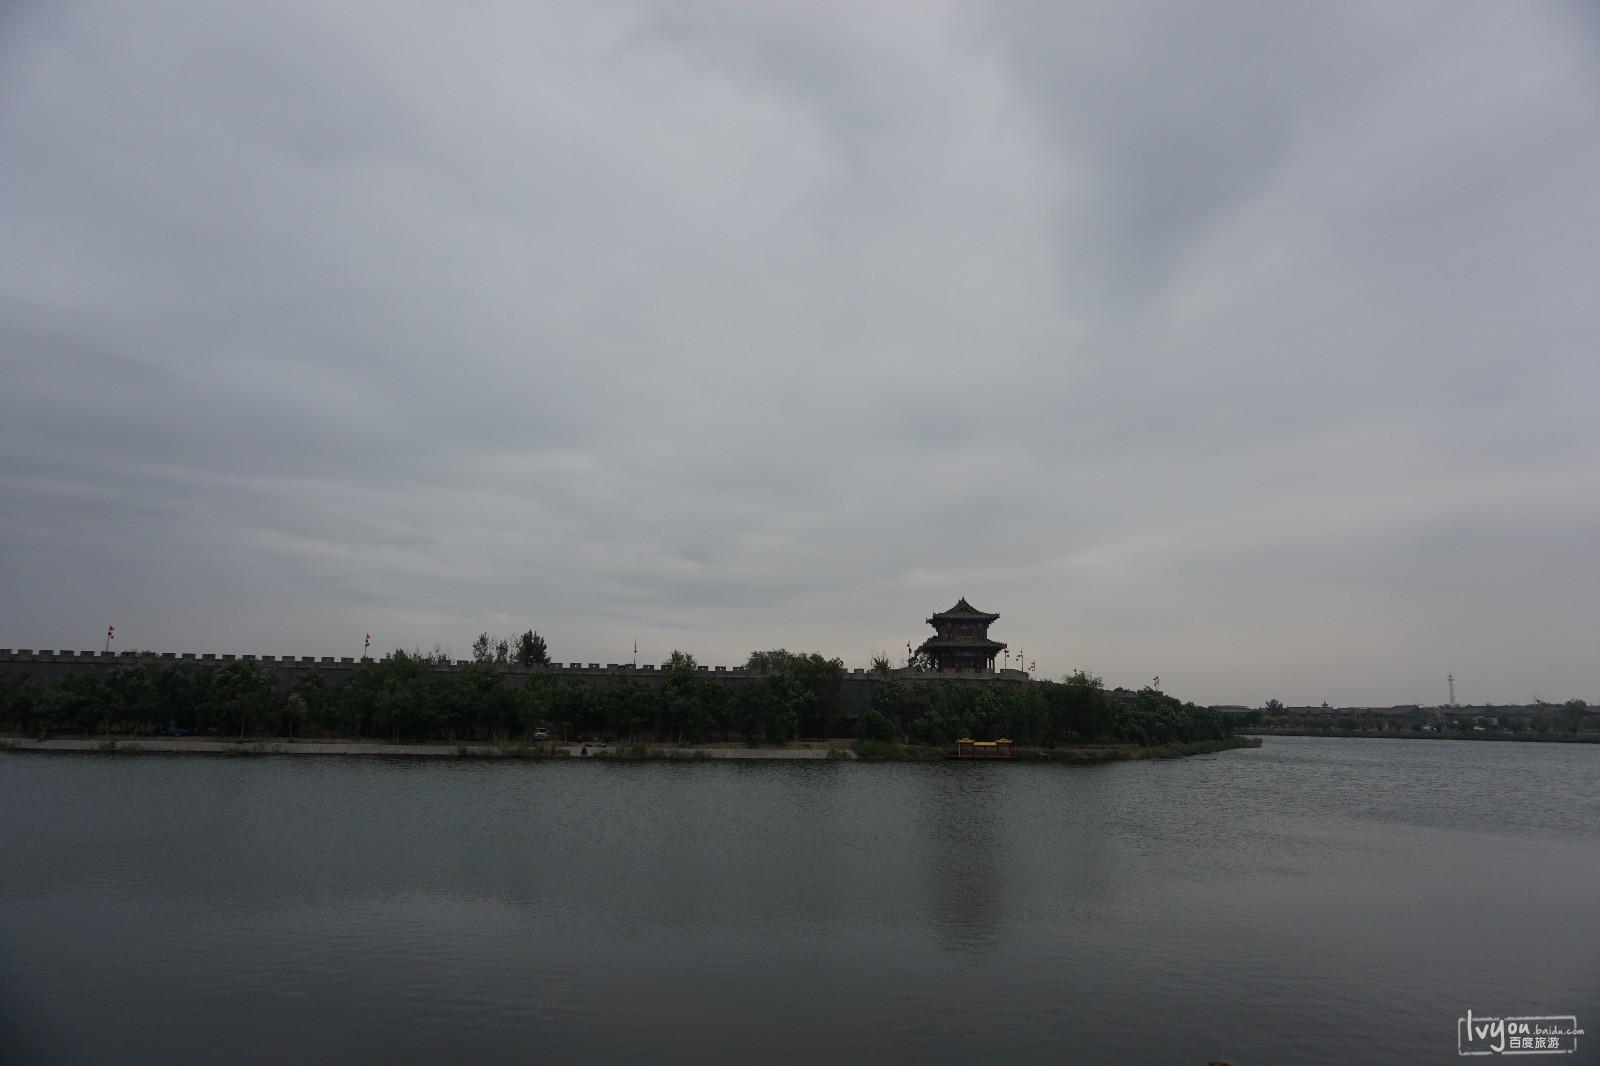 京娘湖<a href=http://www.huaxiacaixun.com/Trave/ target=_blank class=infotextkey>旅游</a>攻略图片42